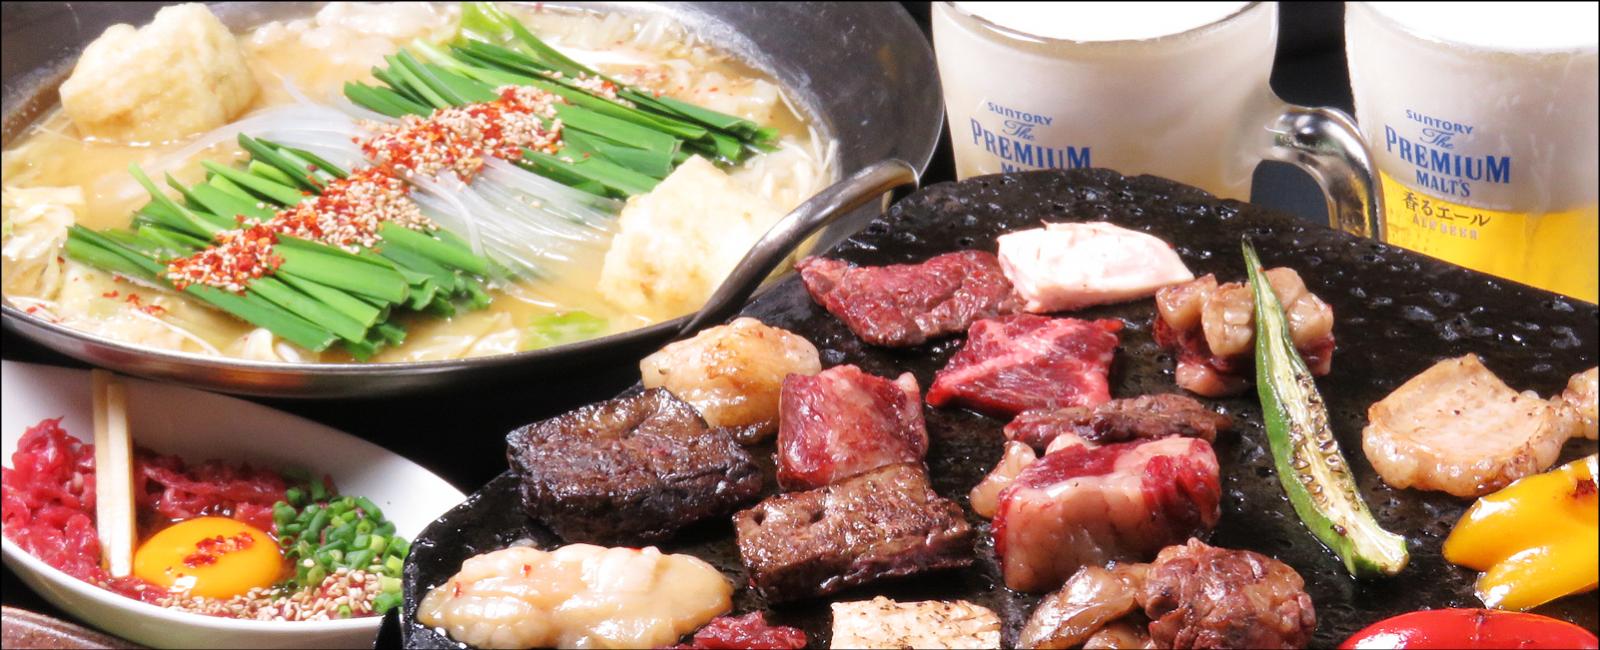 博多・天神のもつ鍋【浜や】福岡で人気のホルモン焼肉ともつ鍋専門店 専門店